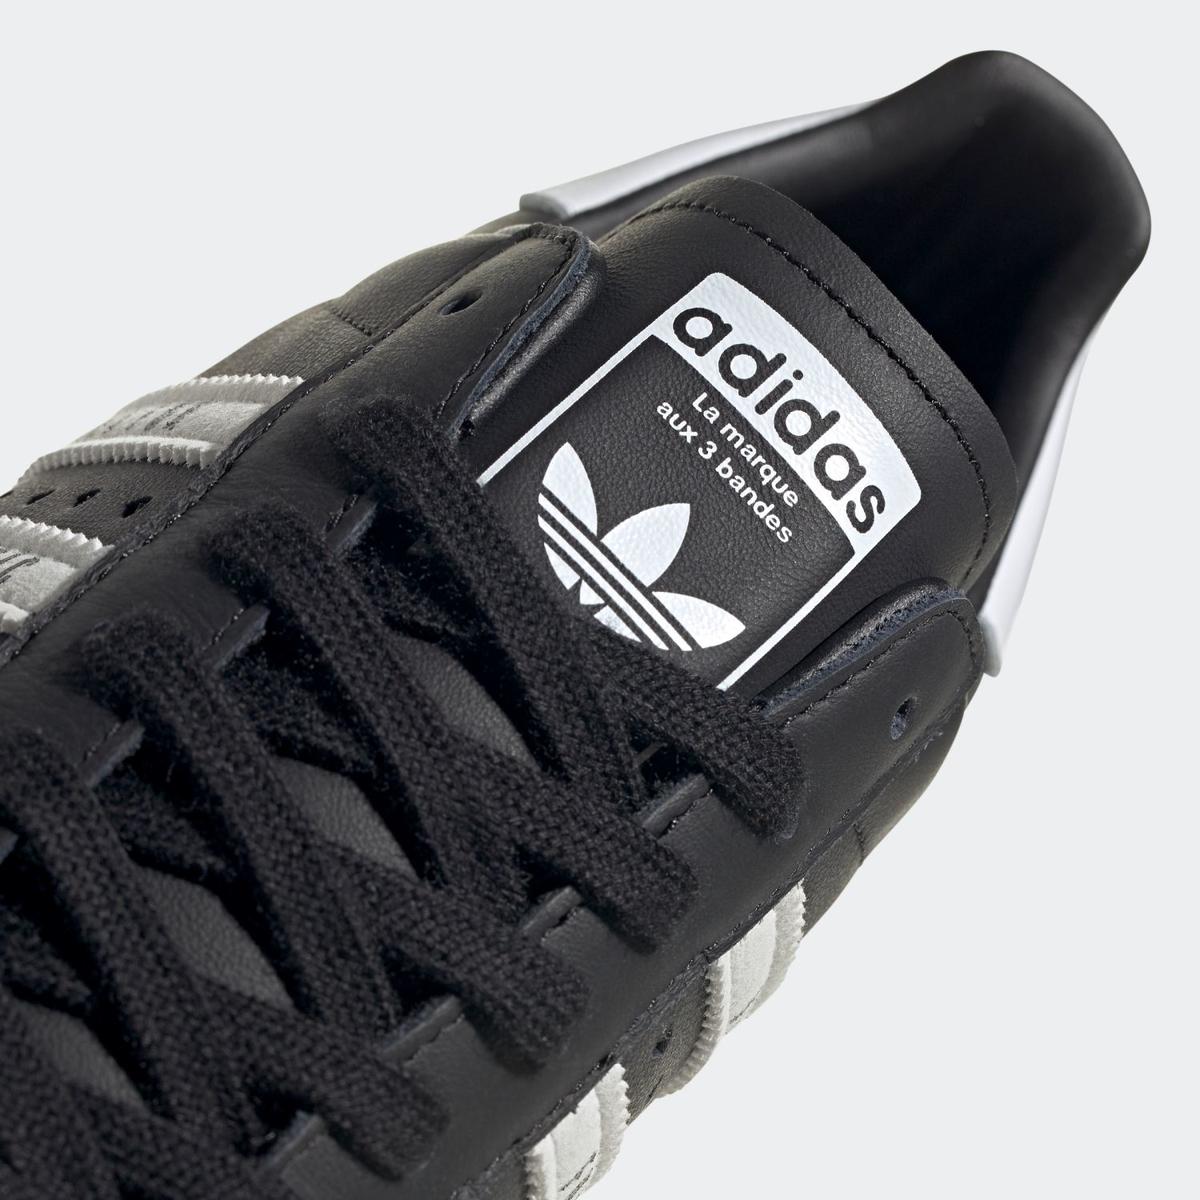 【国内4月24日発売】ADIDAS ORIGINALS SUPERSTAR 80S HUMAN MADE CORE BLACK/FOOTWEAR WHITE アディダス オリジナルス スーパースター 80S ヒューマンメイド ブラック/ホワイト FY0729